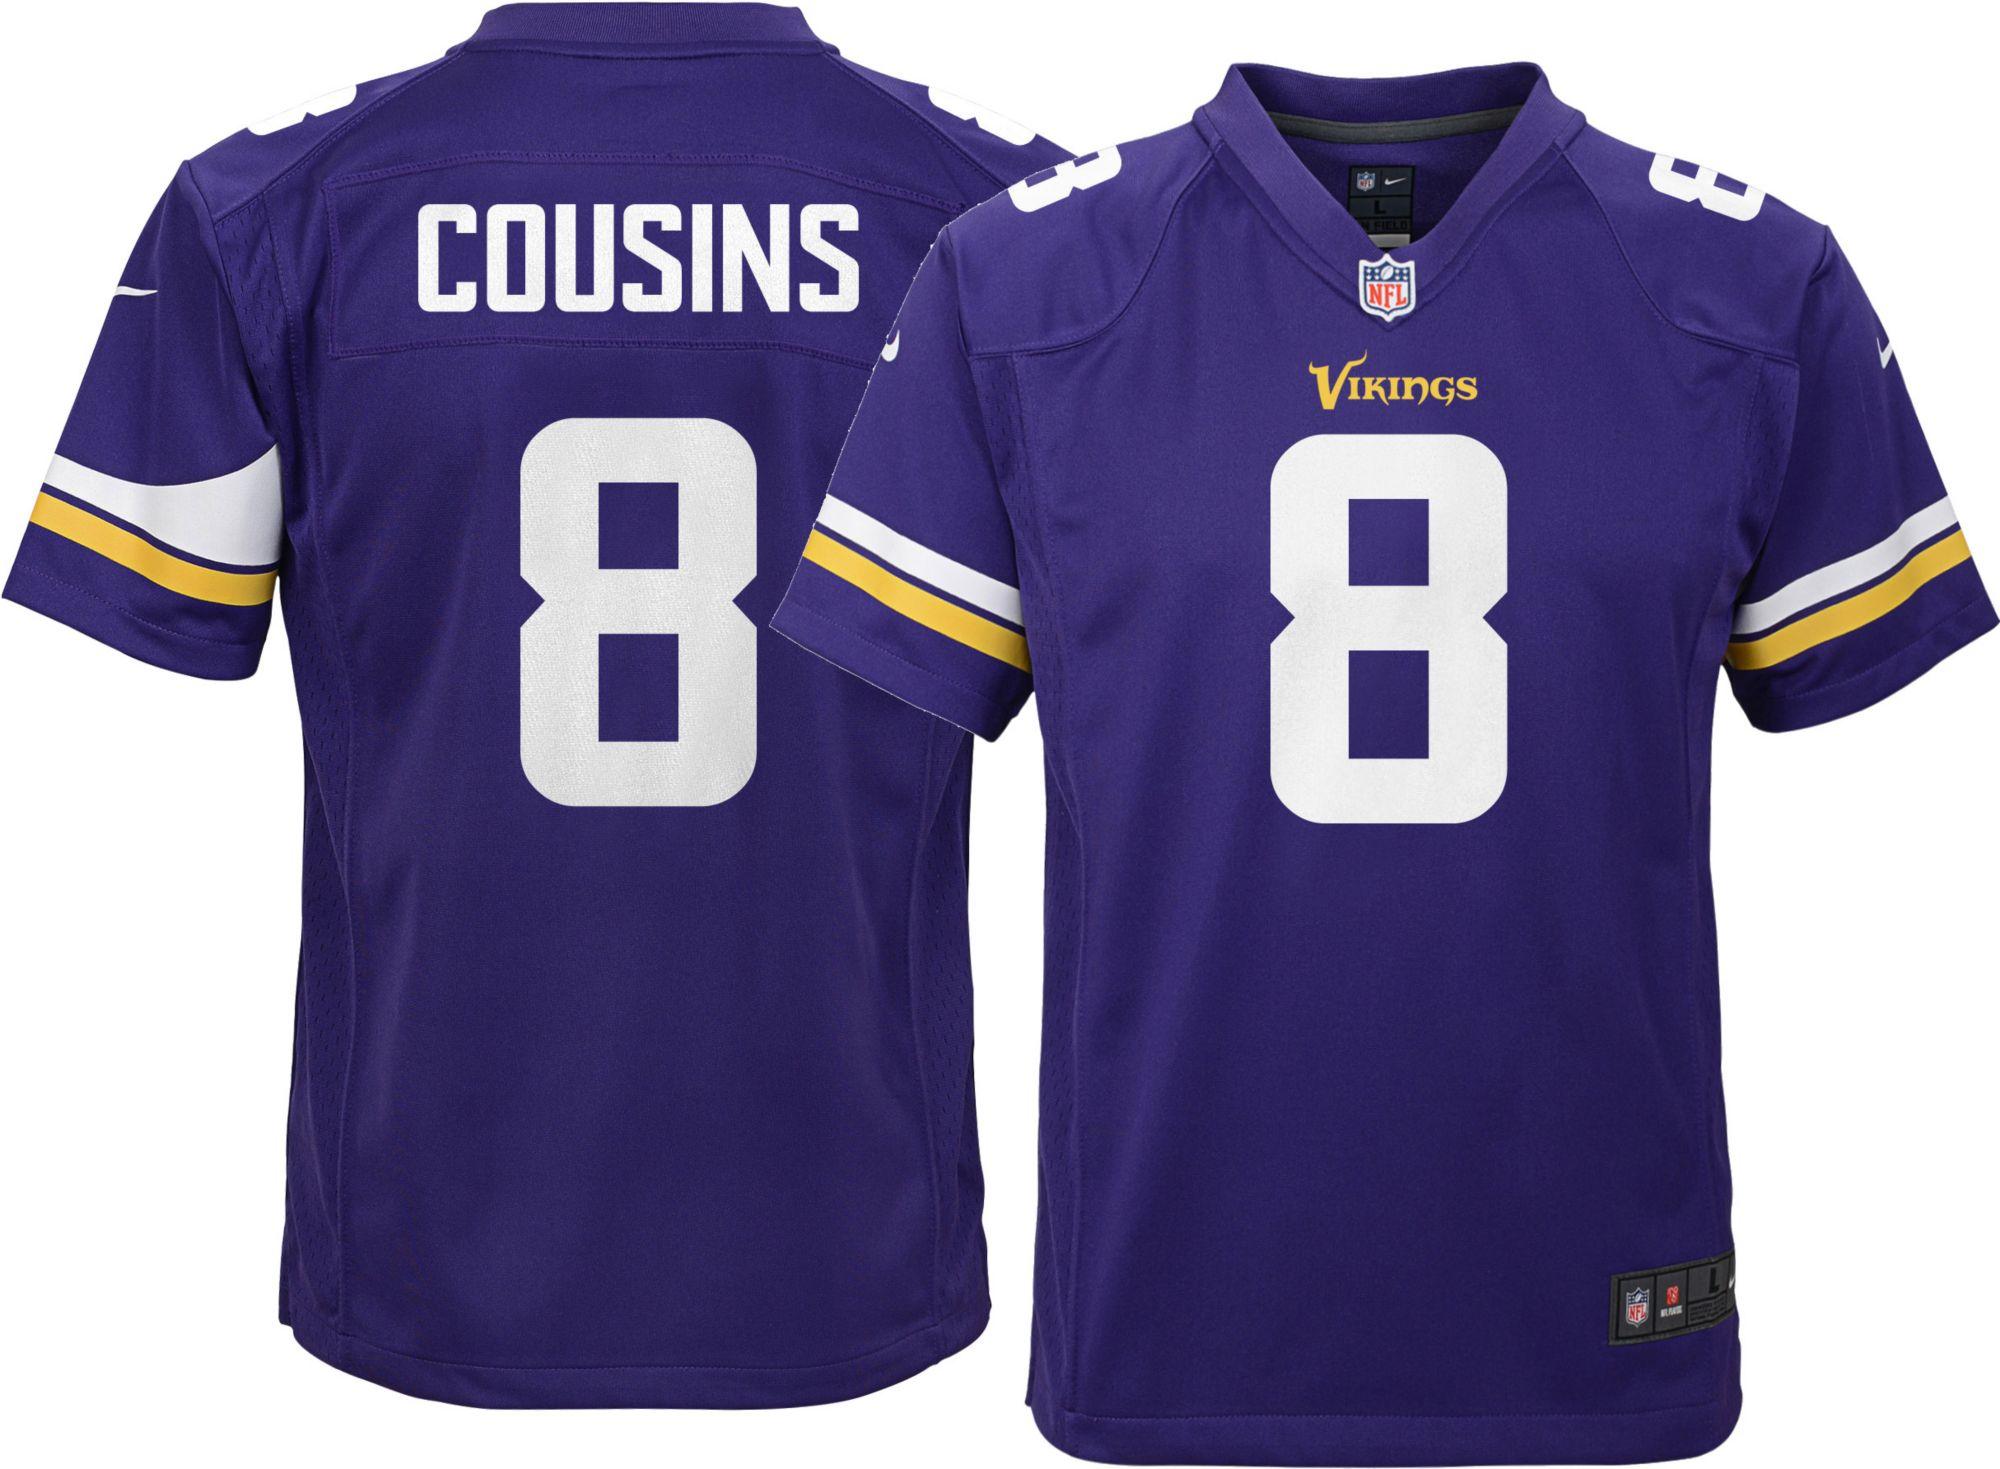 cousins jersey